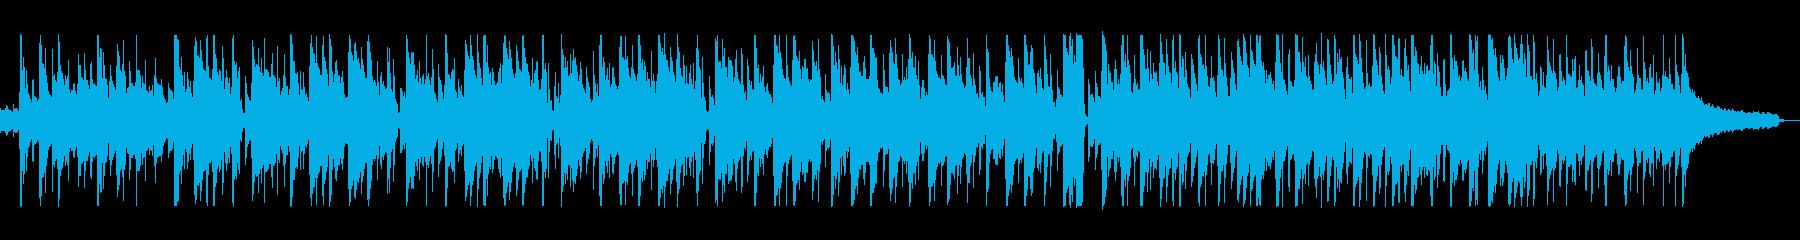 カントリーミュージックの再生済みの波形